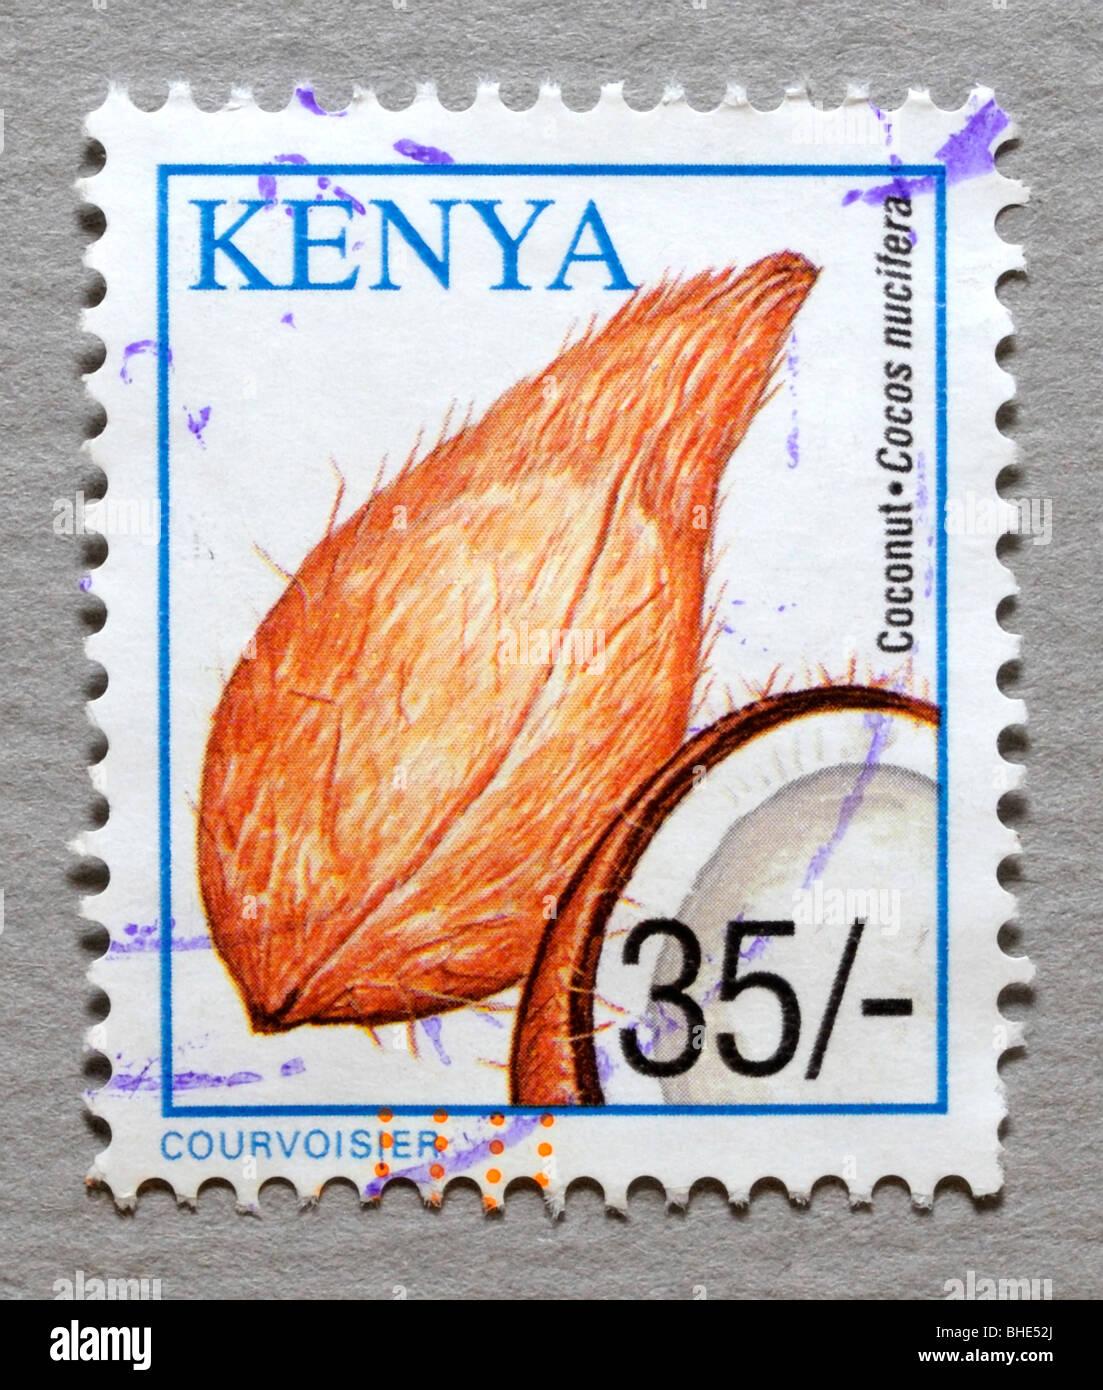 Kenya Postage Stamp. - Stock Image